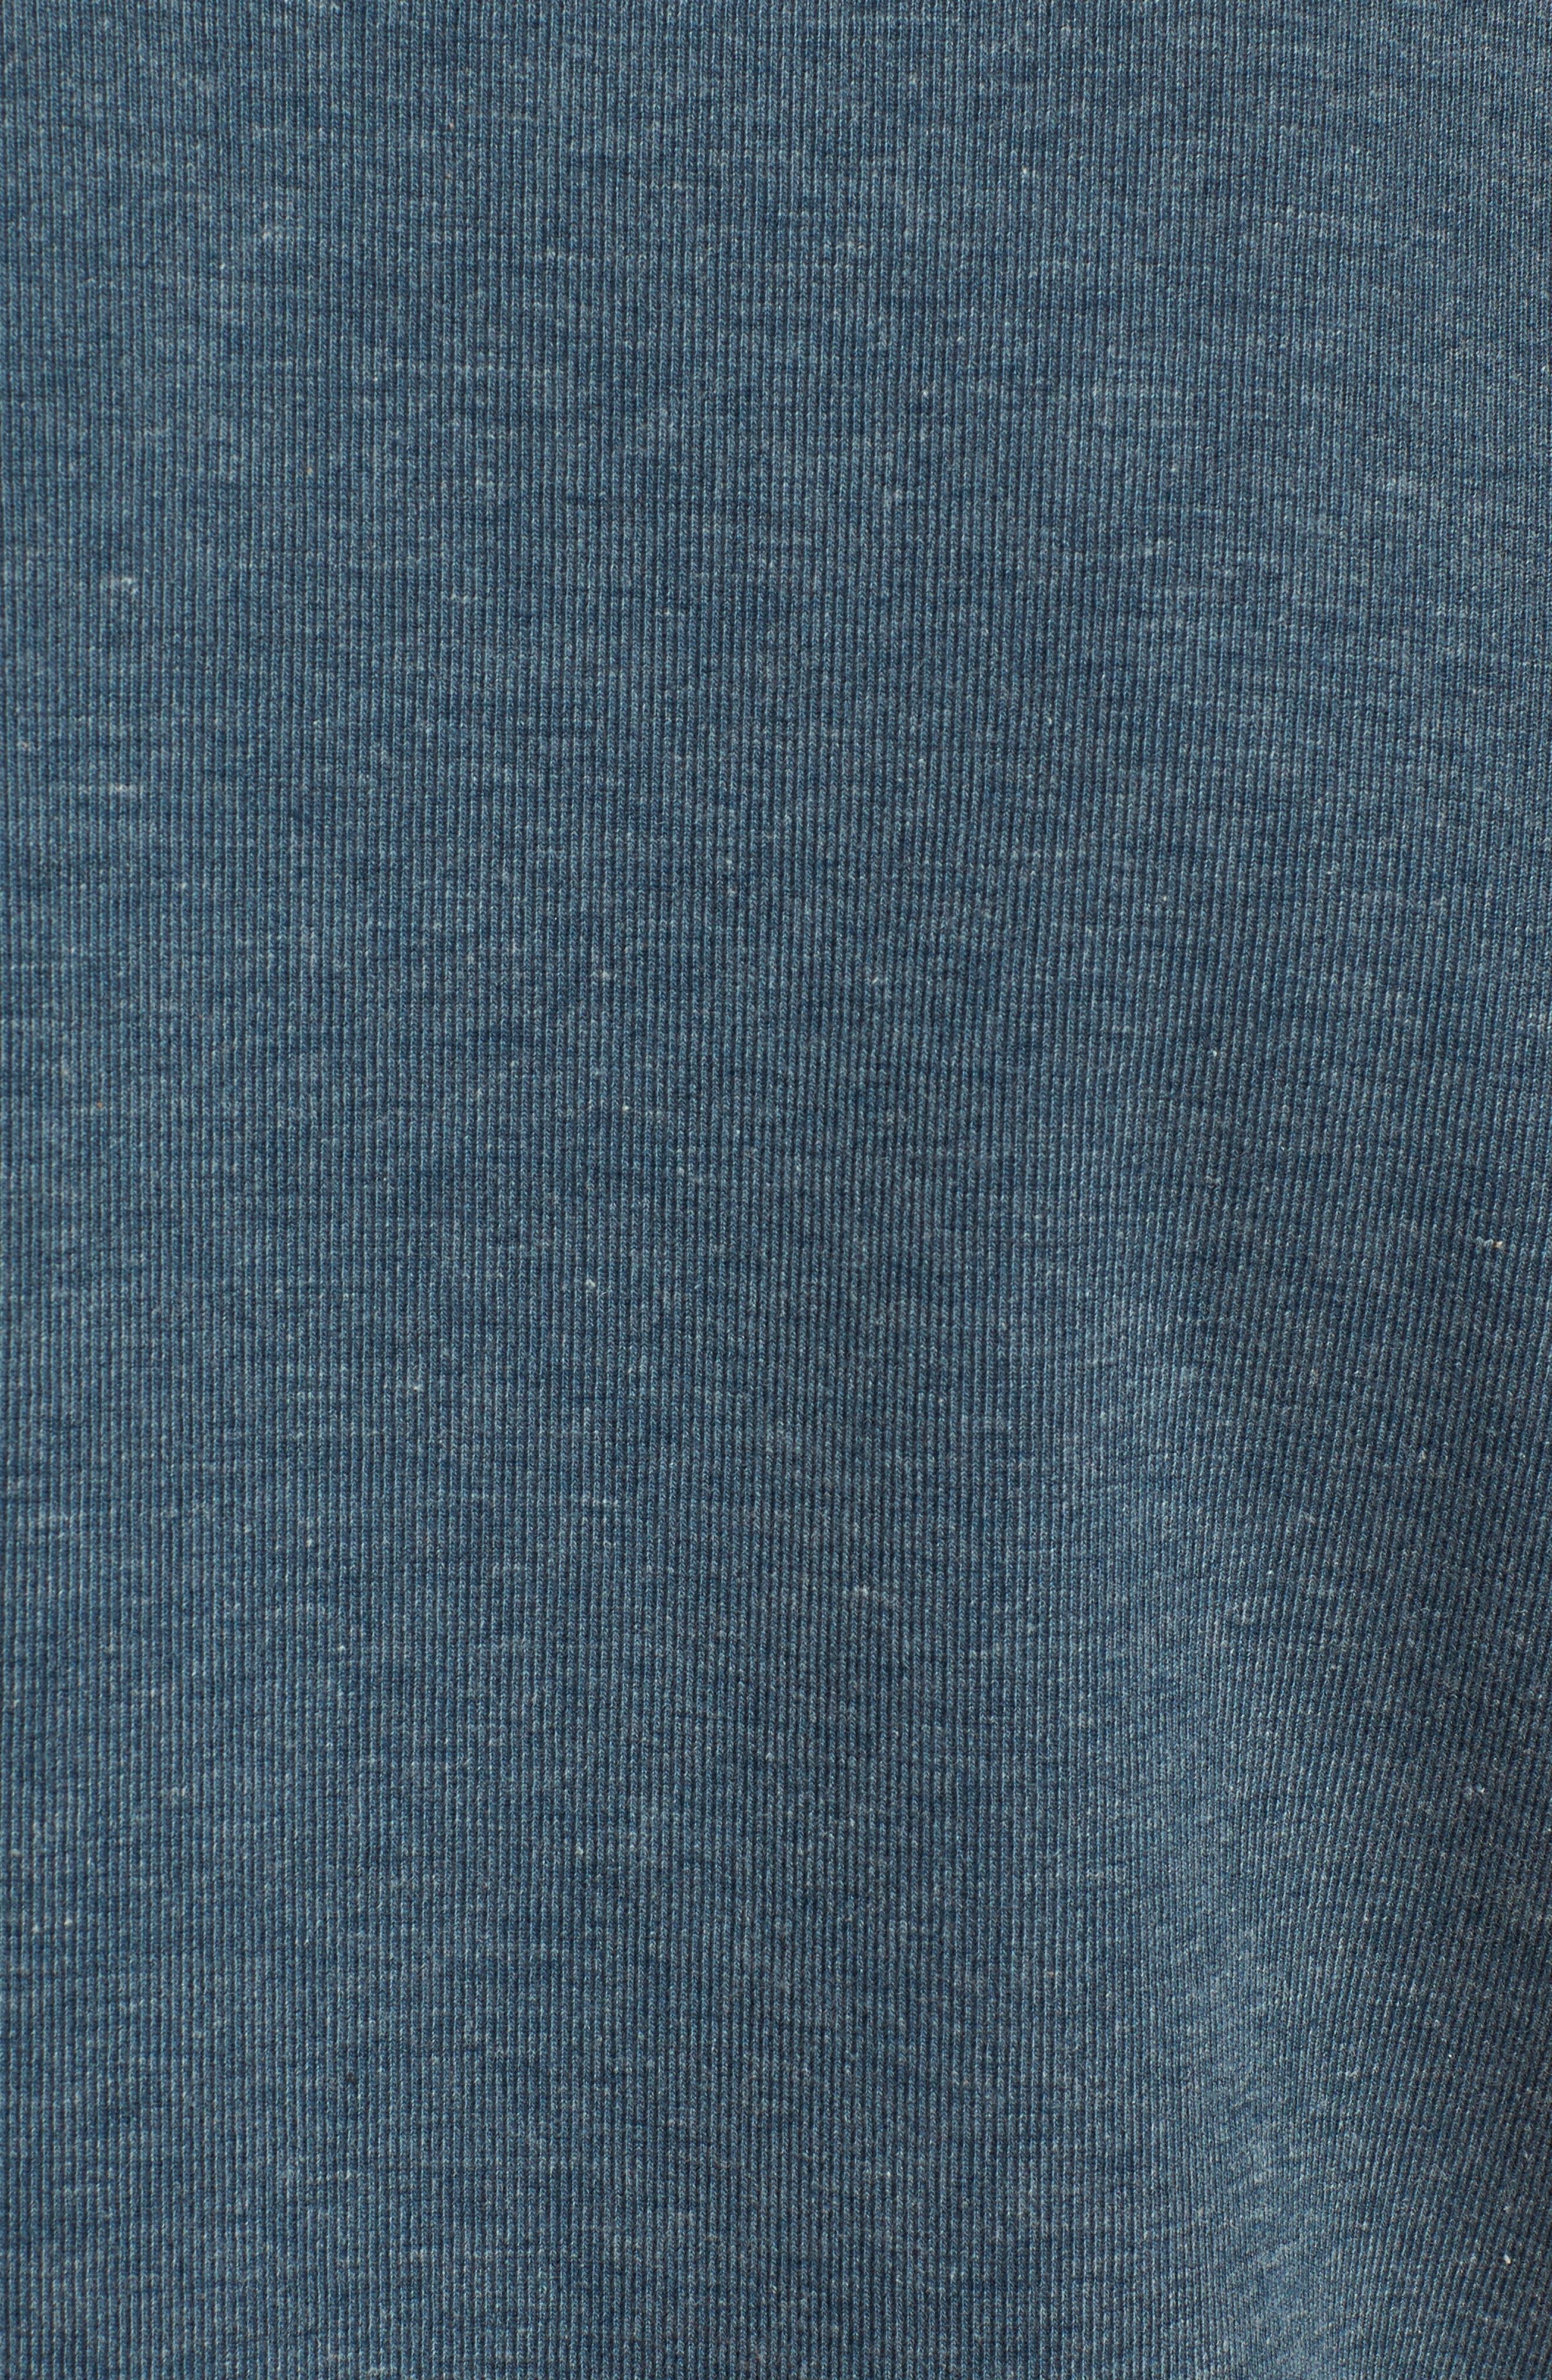 Onyx T-Shirt,                             Alternate thumbnail 5, color,                             440